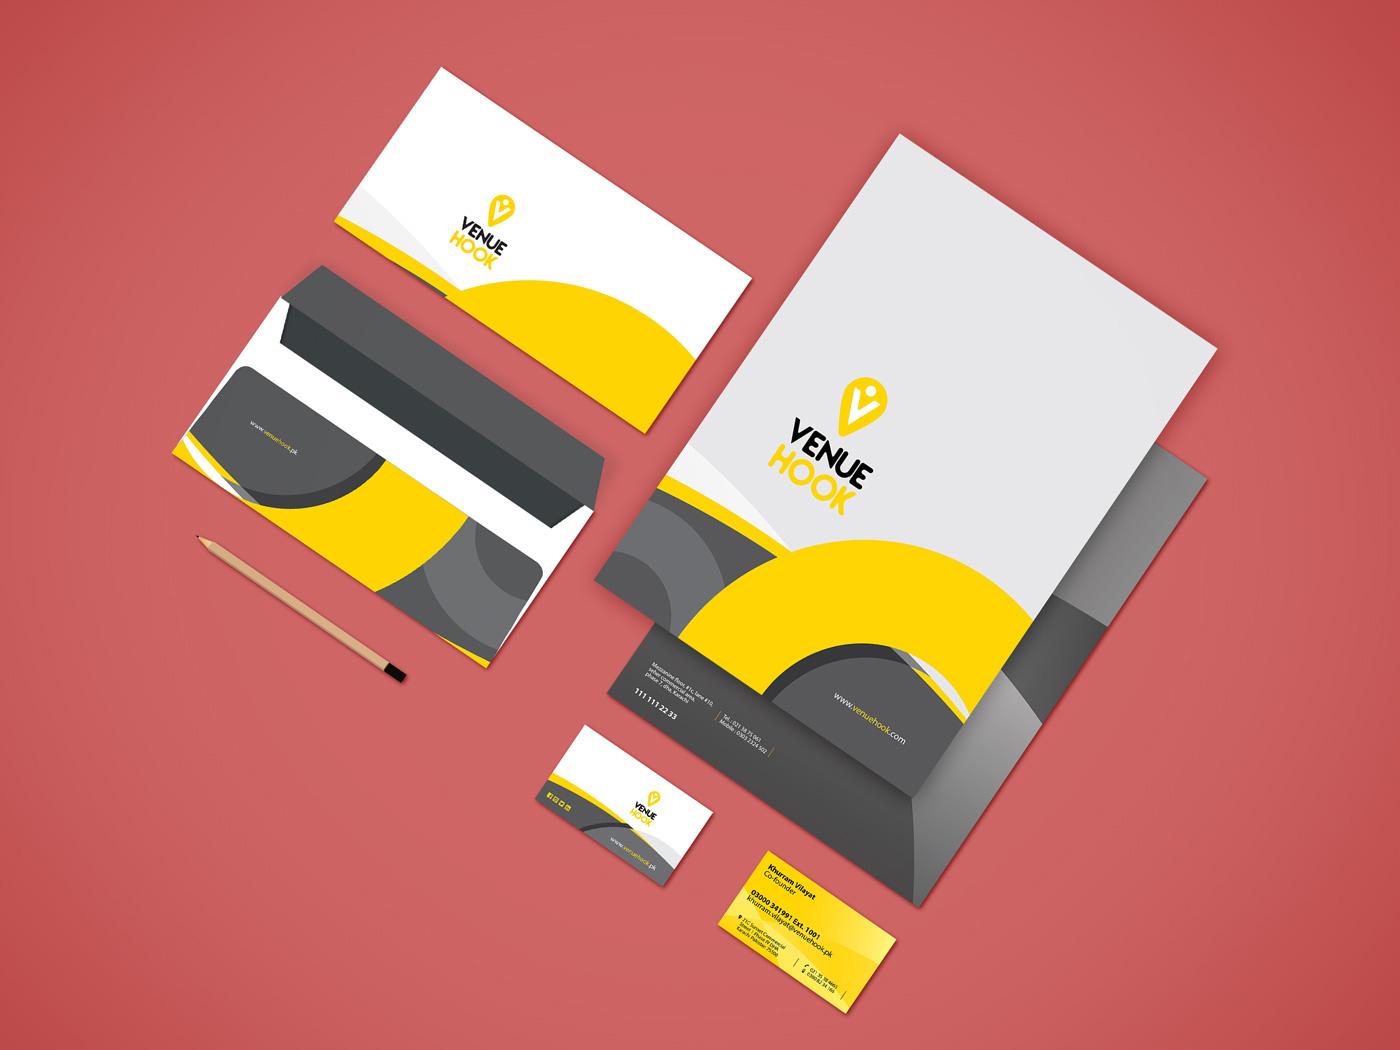 graphic design envelope visiting card venue hook print Event wedding